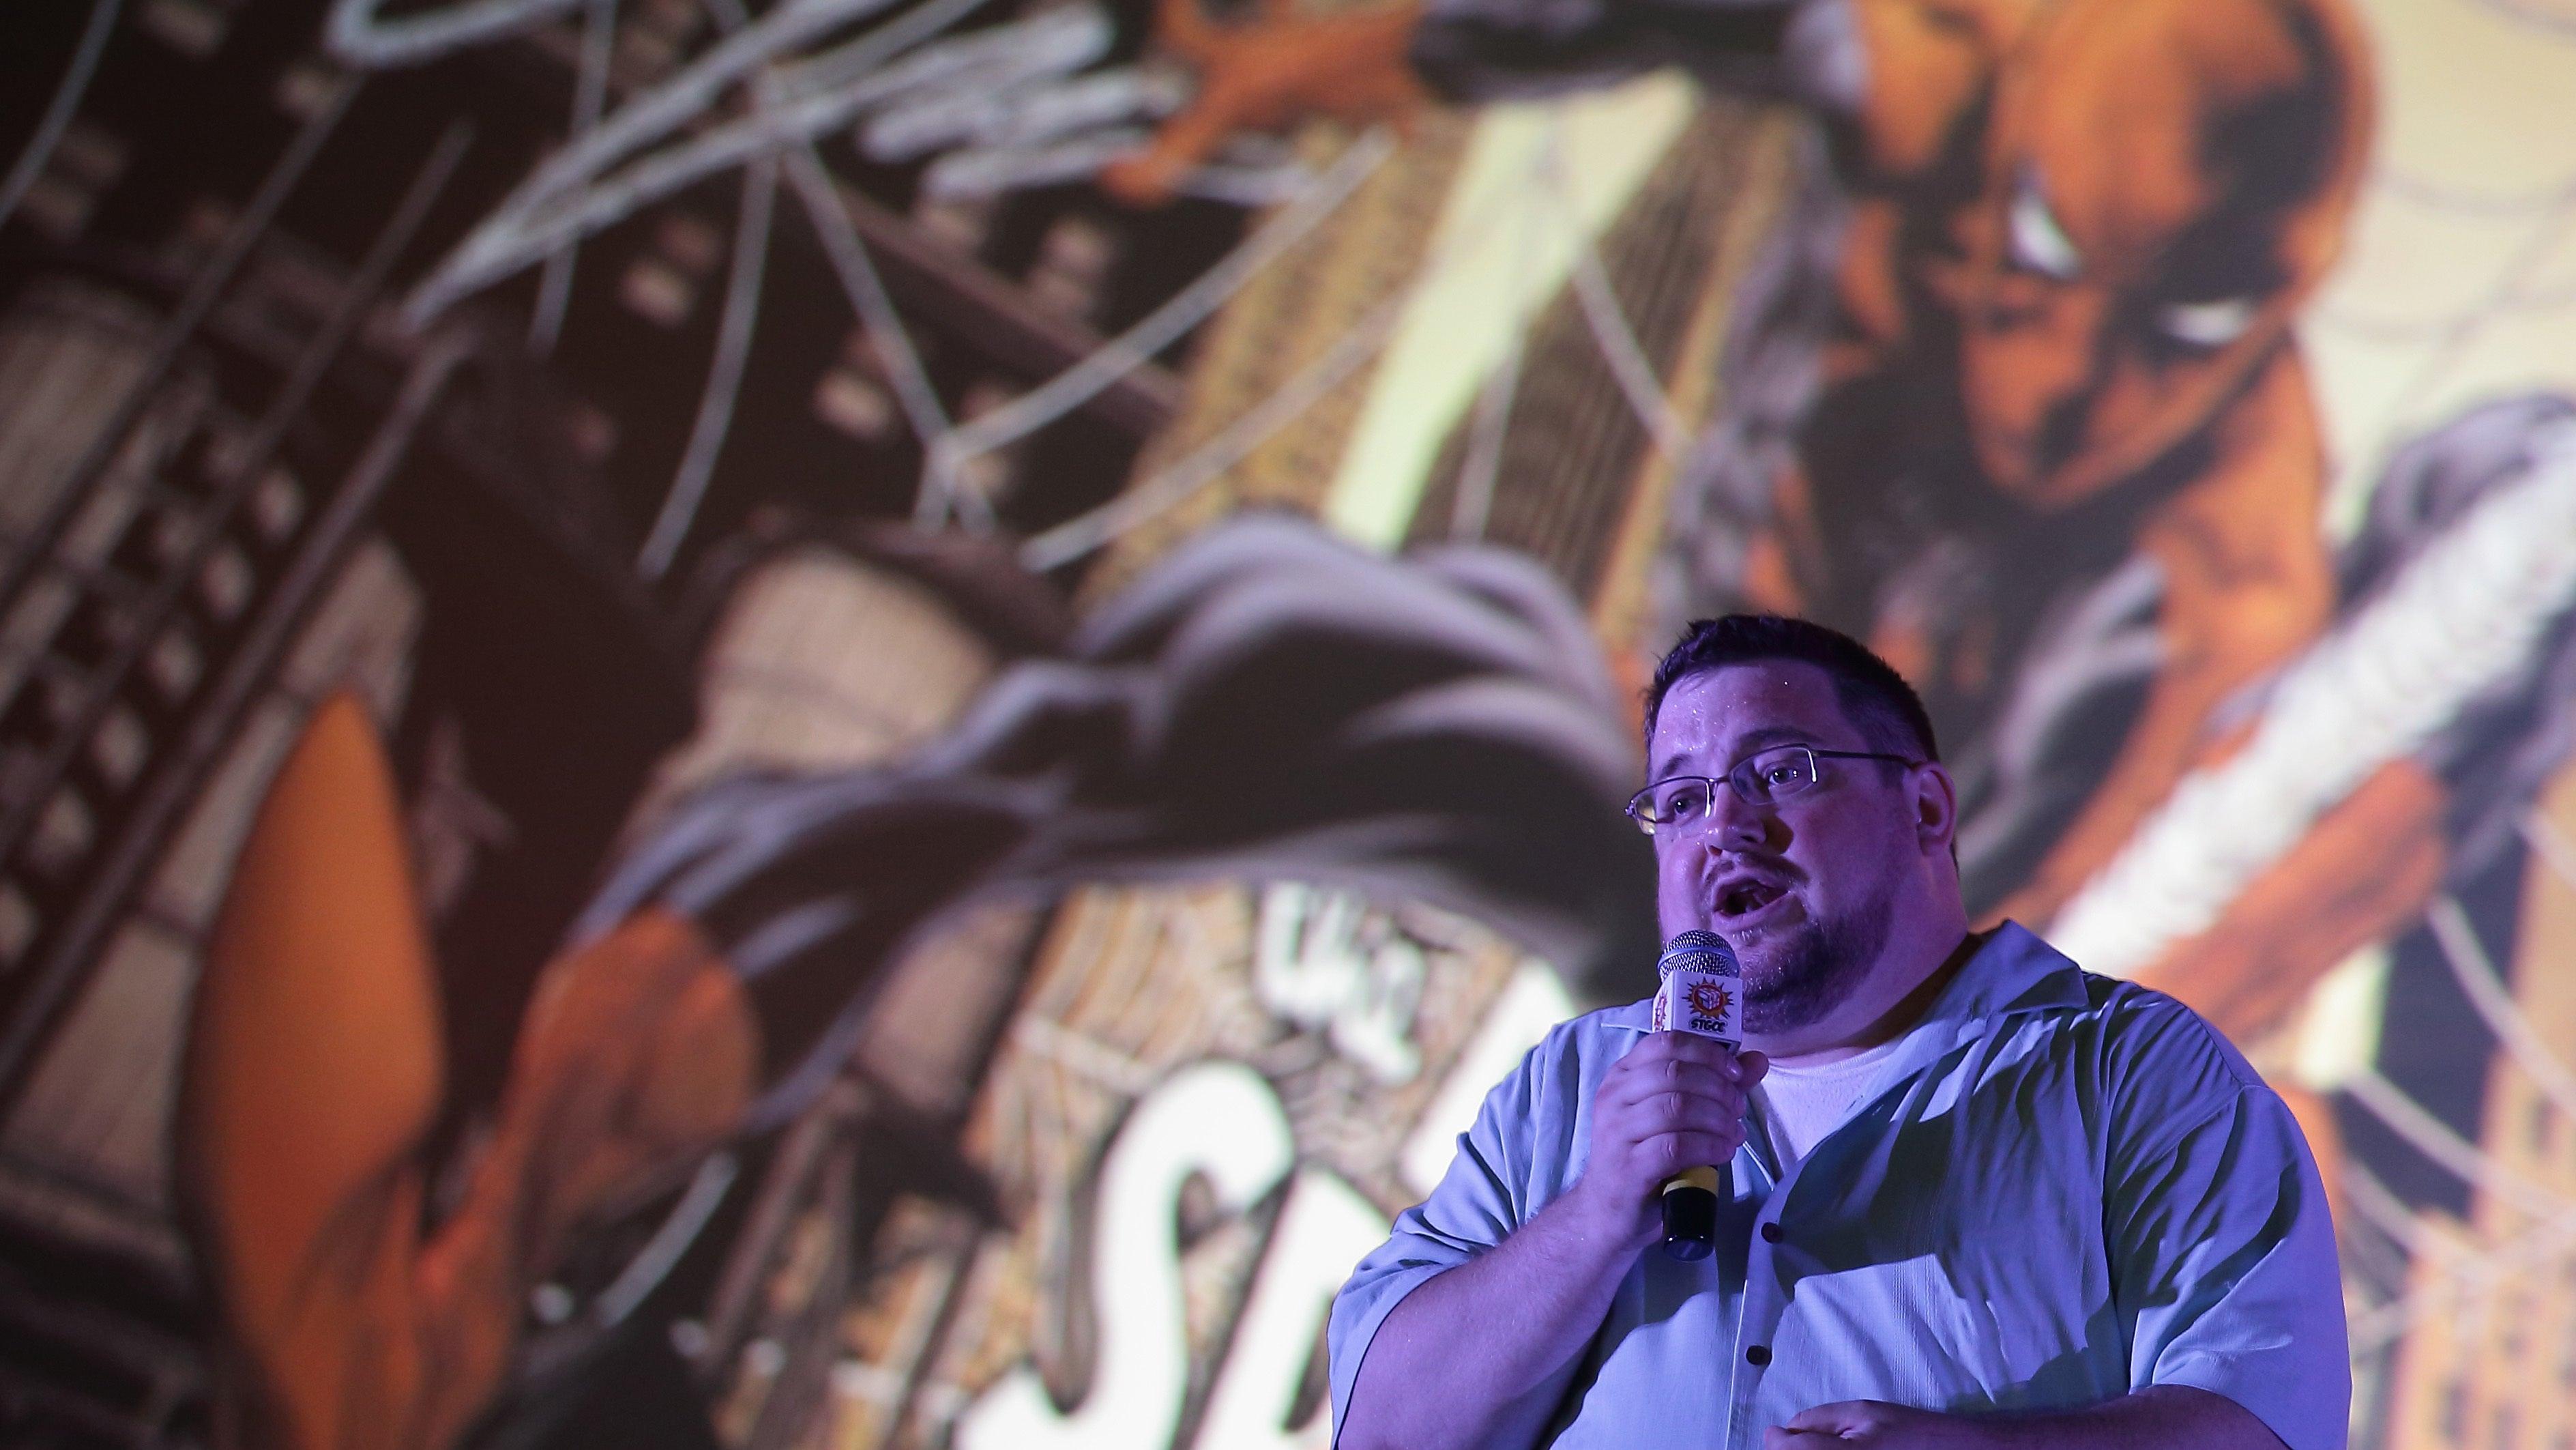 CB CEBULSKI Named MARVEL COMICS Editor-In-Chief